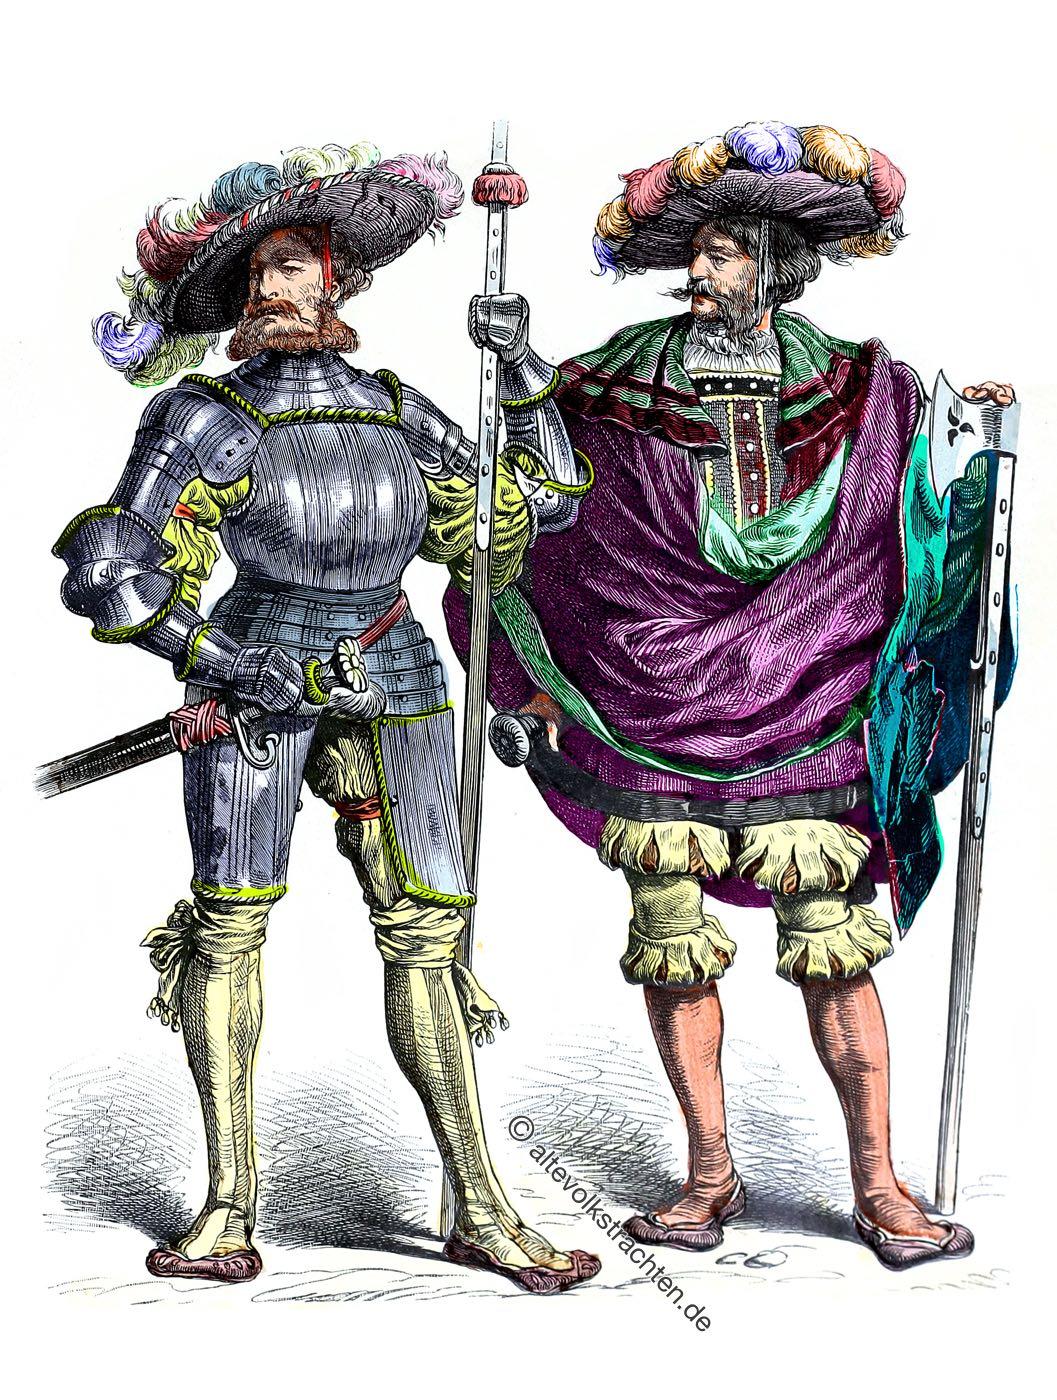 Leutnant, Hauptmann, Deutsche Landsknechte, Renaissance, Söldner, Soldaten, Kostüme, Trachten, Bewaffnung